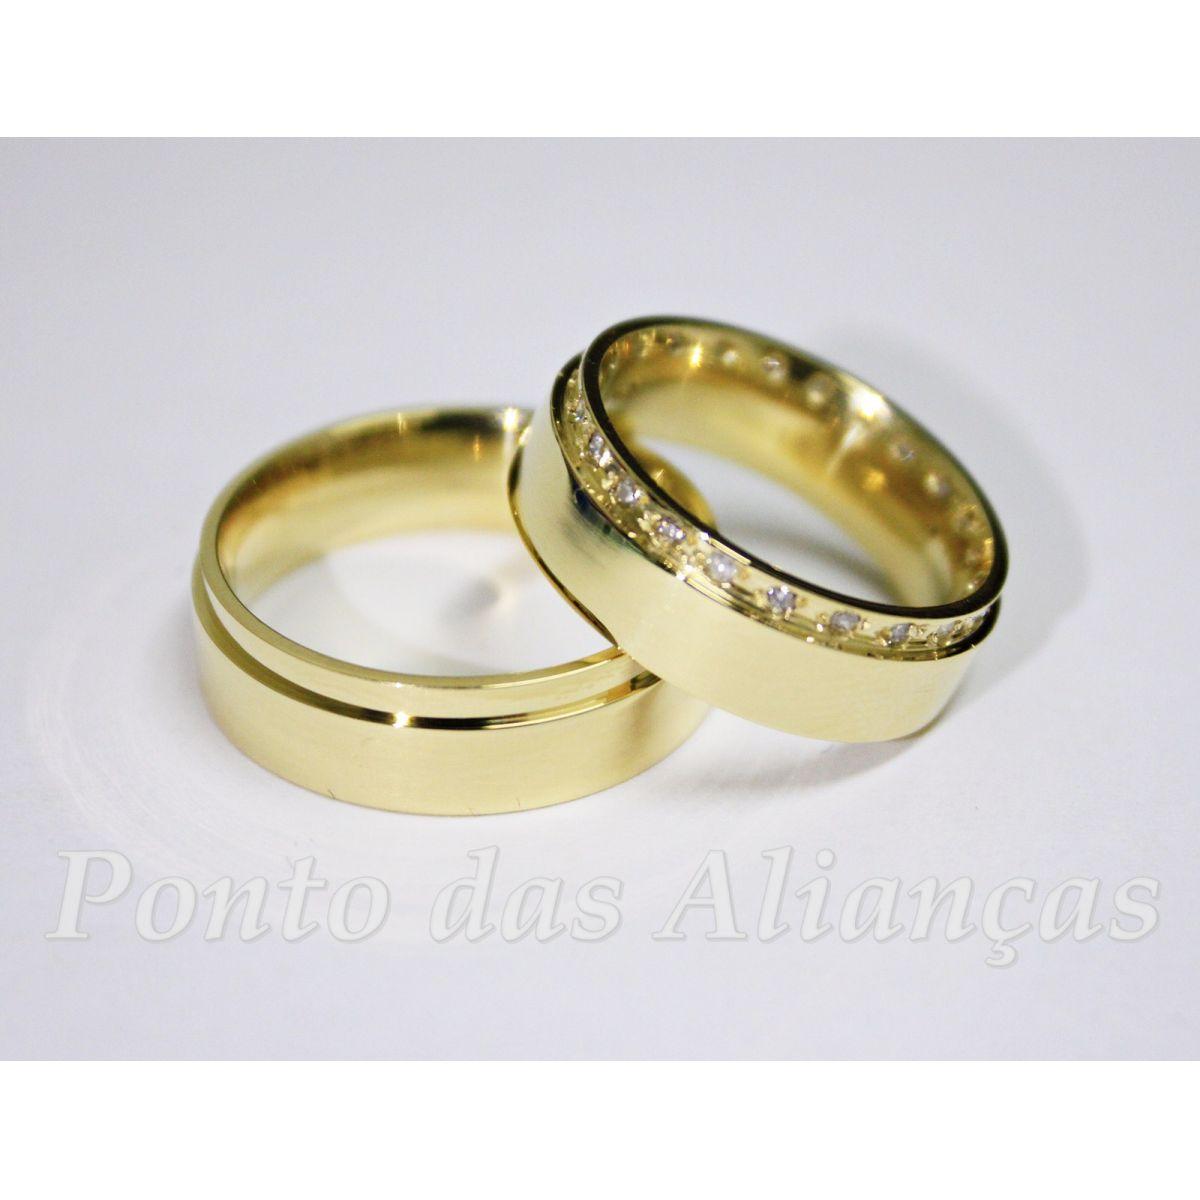 Alianças de Ouro Casamento ou Noivado -  3048